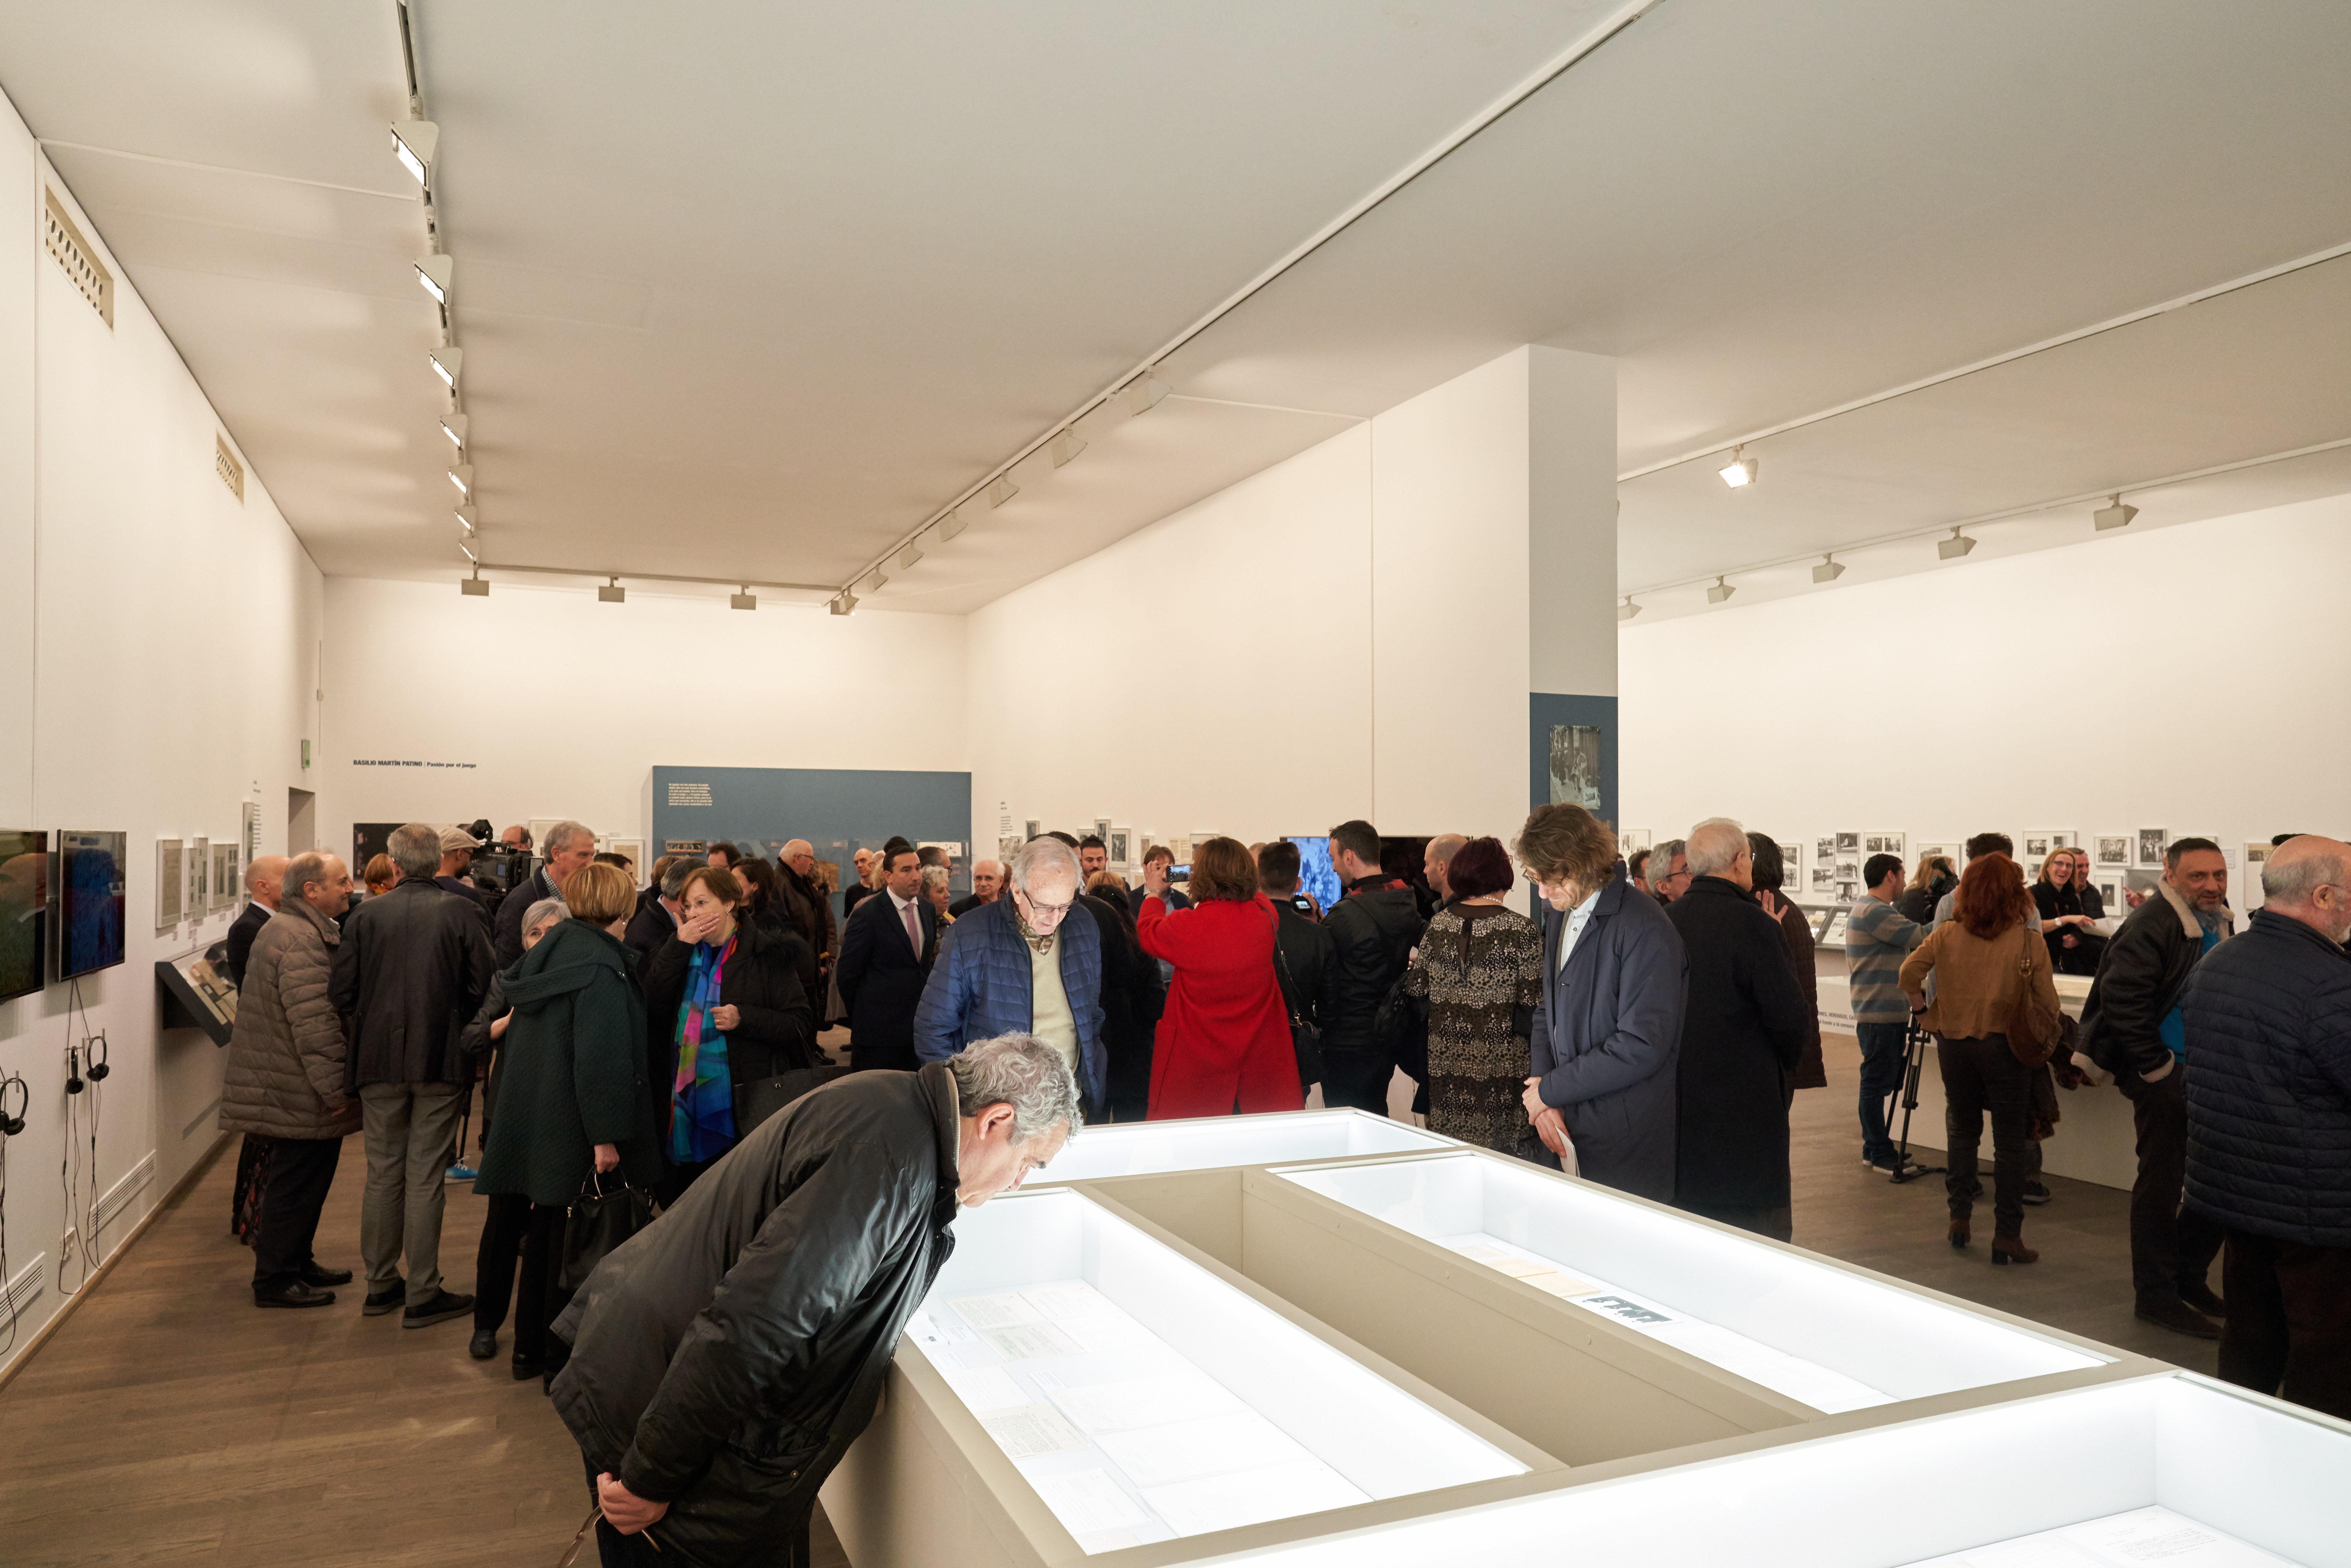 La Universidad de Salamanca revisa a través de una exposición la trayectoria vital y profesional del cineasta Basilio Martín Patino